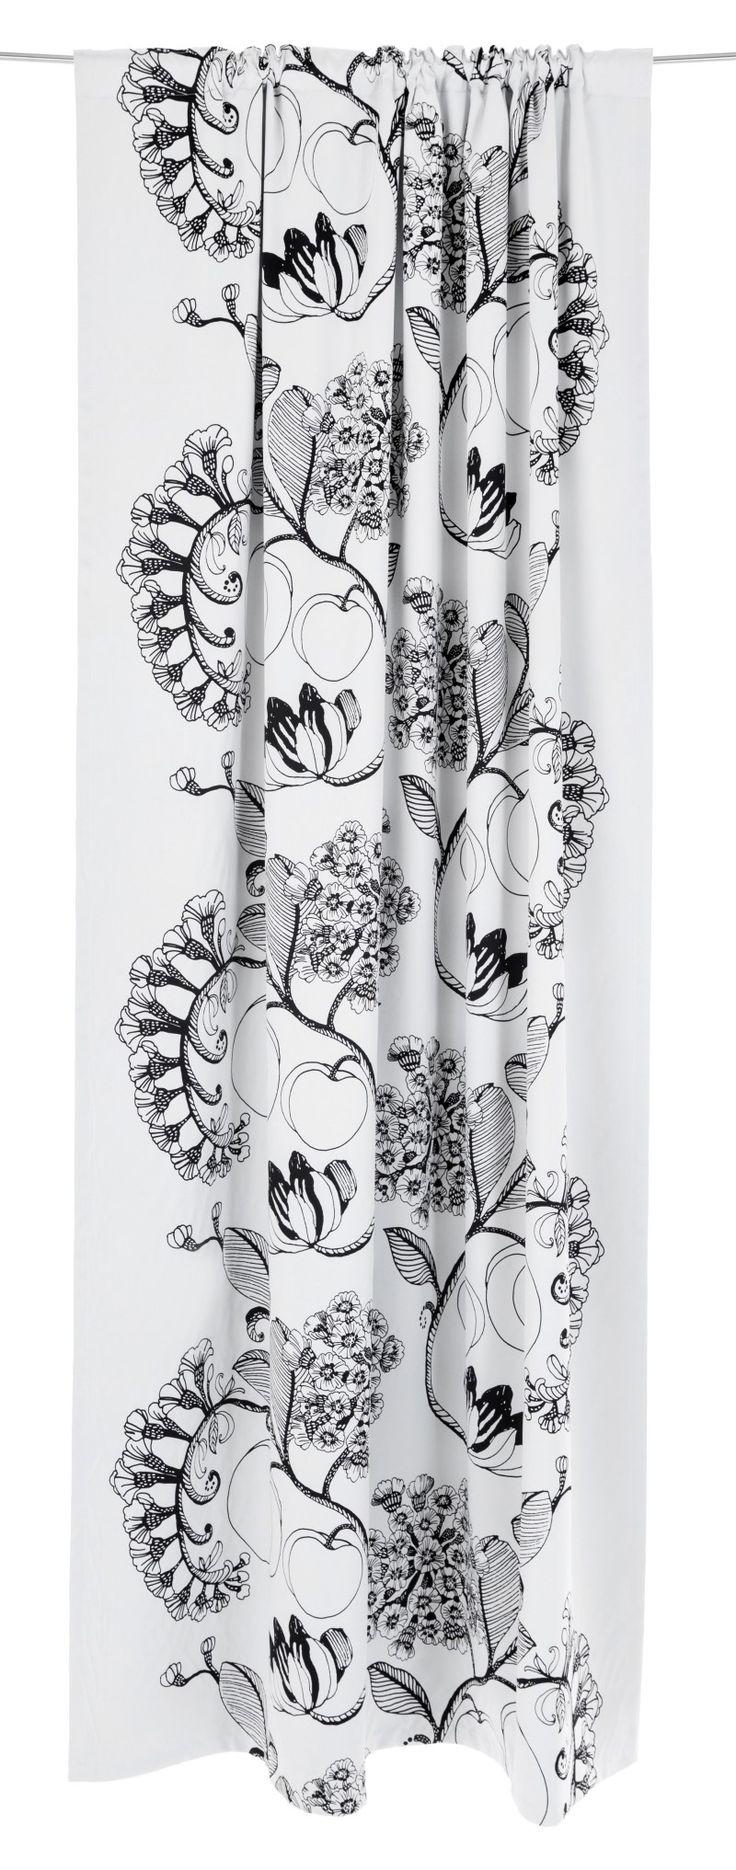 <p>Persikka-pimennysvalmisverhon herkullisen kuosin on suunnitellut Tanja Orsjoki. Toistuvat pyöreät persikat, lehdet ja kukinnot tuovat kuosiin hauskaa rytmiä. Persikka-pimennysverho tuo sisustukseen kodikasta tunnelmaa ja se sopii kodin e